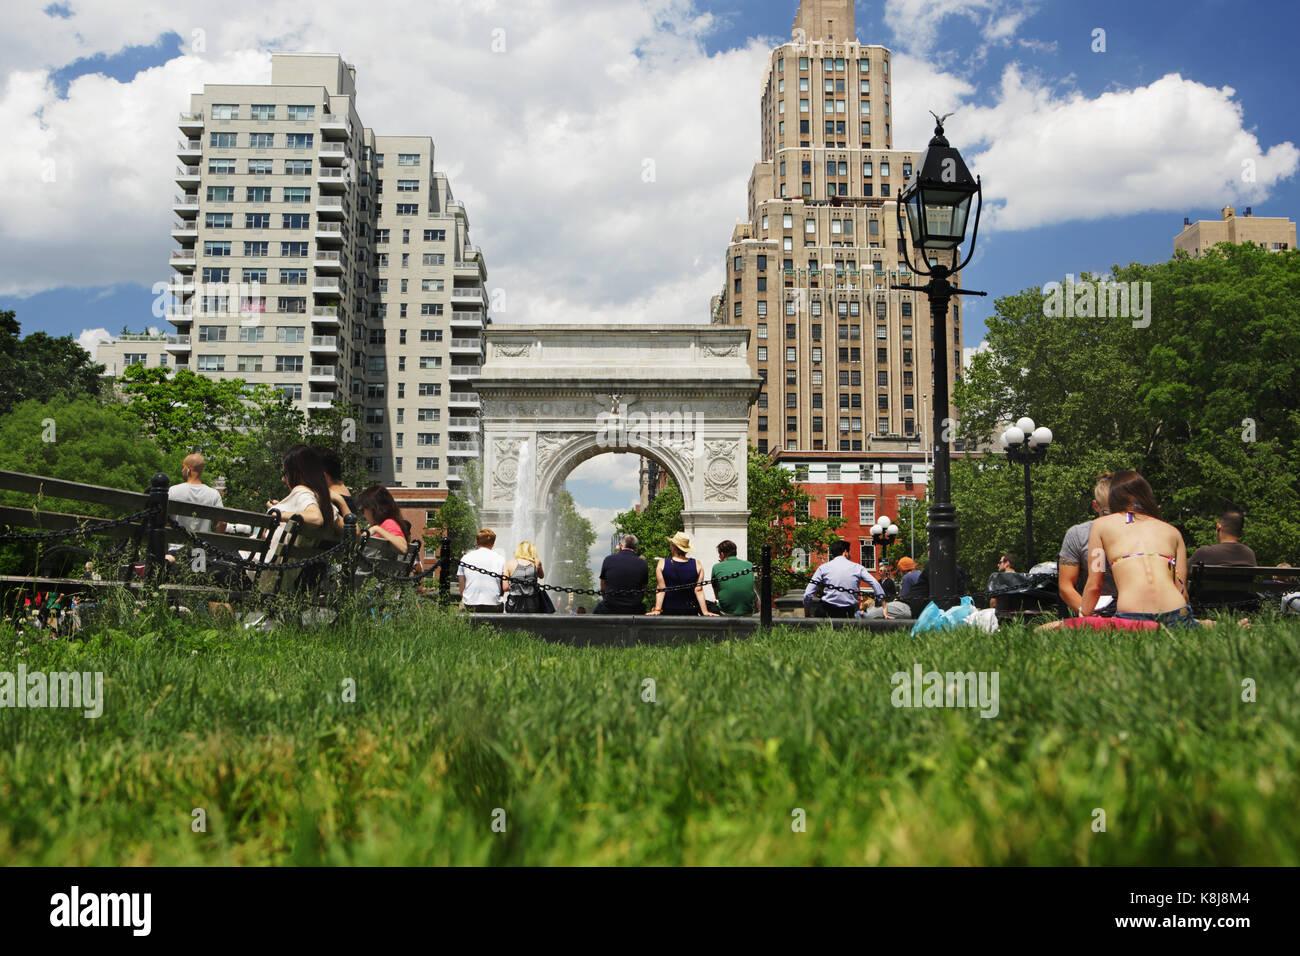 New York, NY, USA - Juni 1, 2017 New York: Touristen und Einheimischen gleichermaßen genießen Sie einen Stockbild